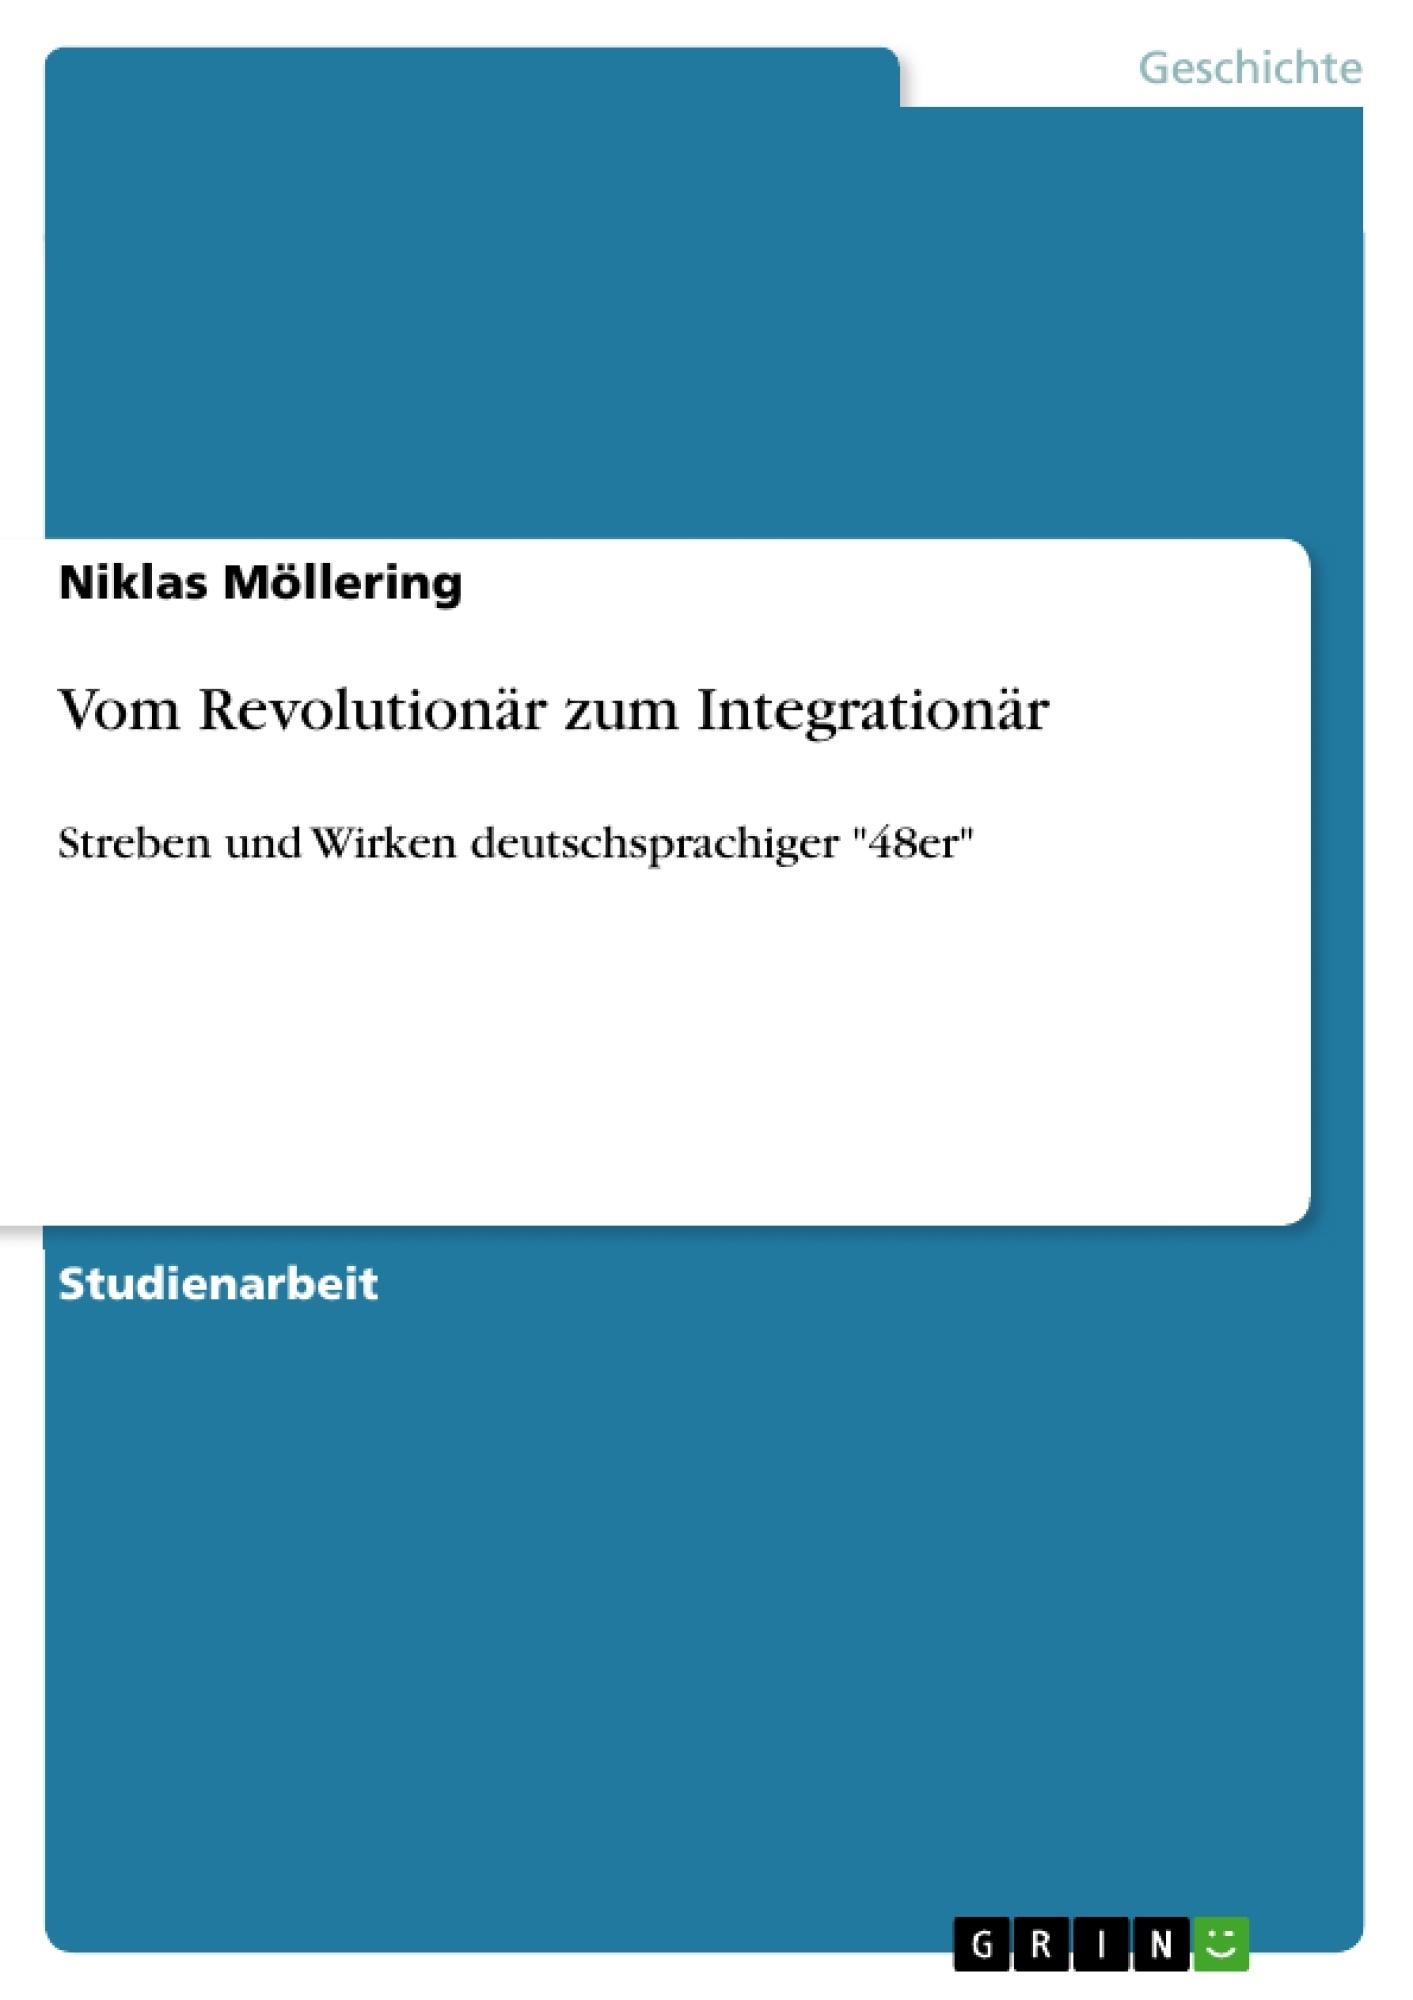 Titel: Vom Revolutionär zum Integrationär